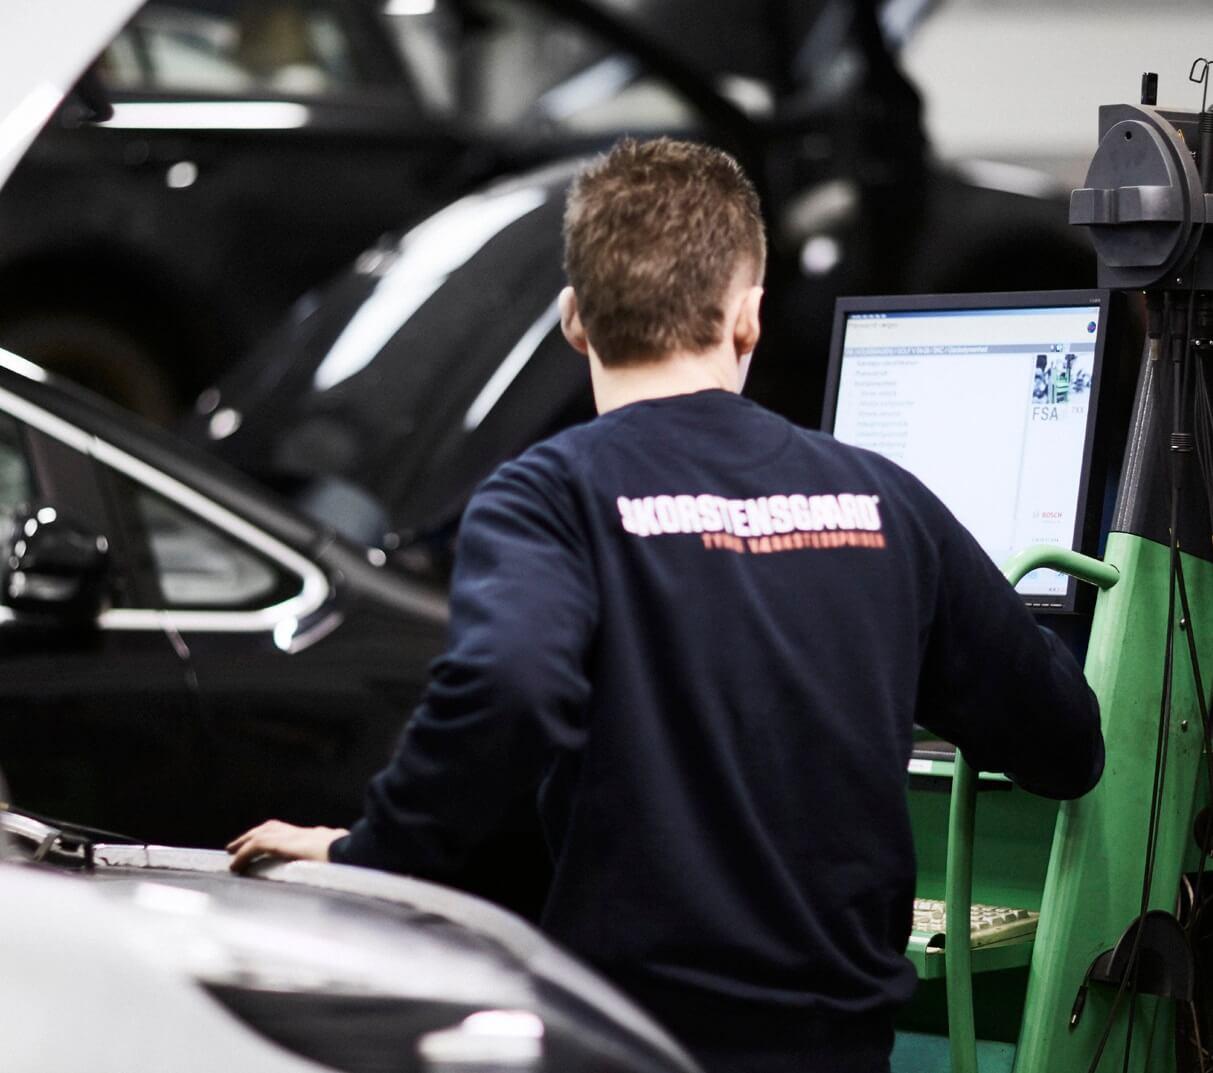 Veluddannede mekanikere foretager service og reparation af alle Renault biler hos Skorstensgaard Svendborg